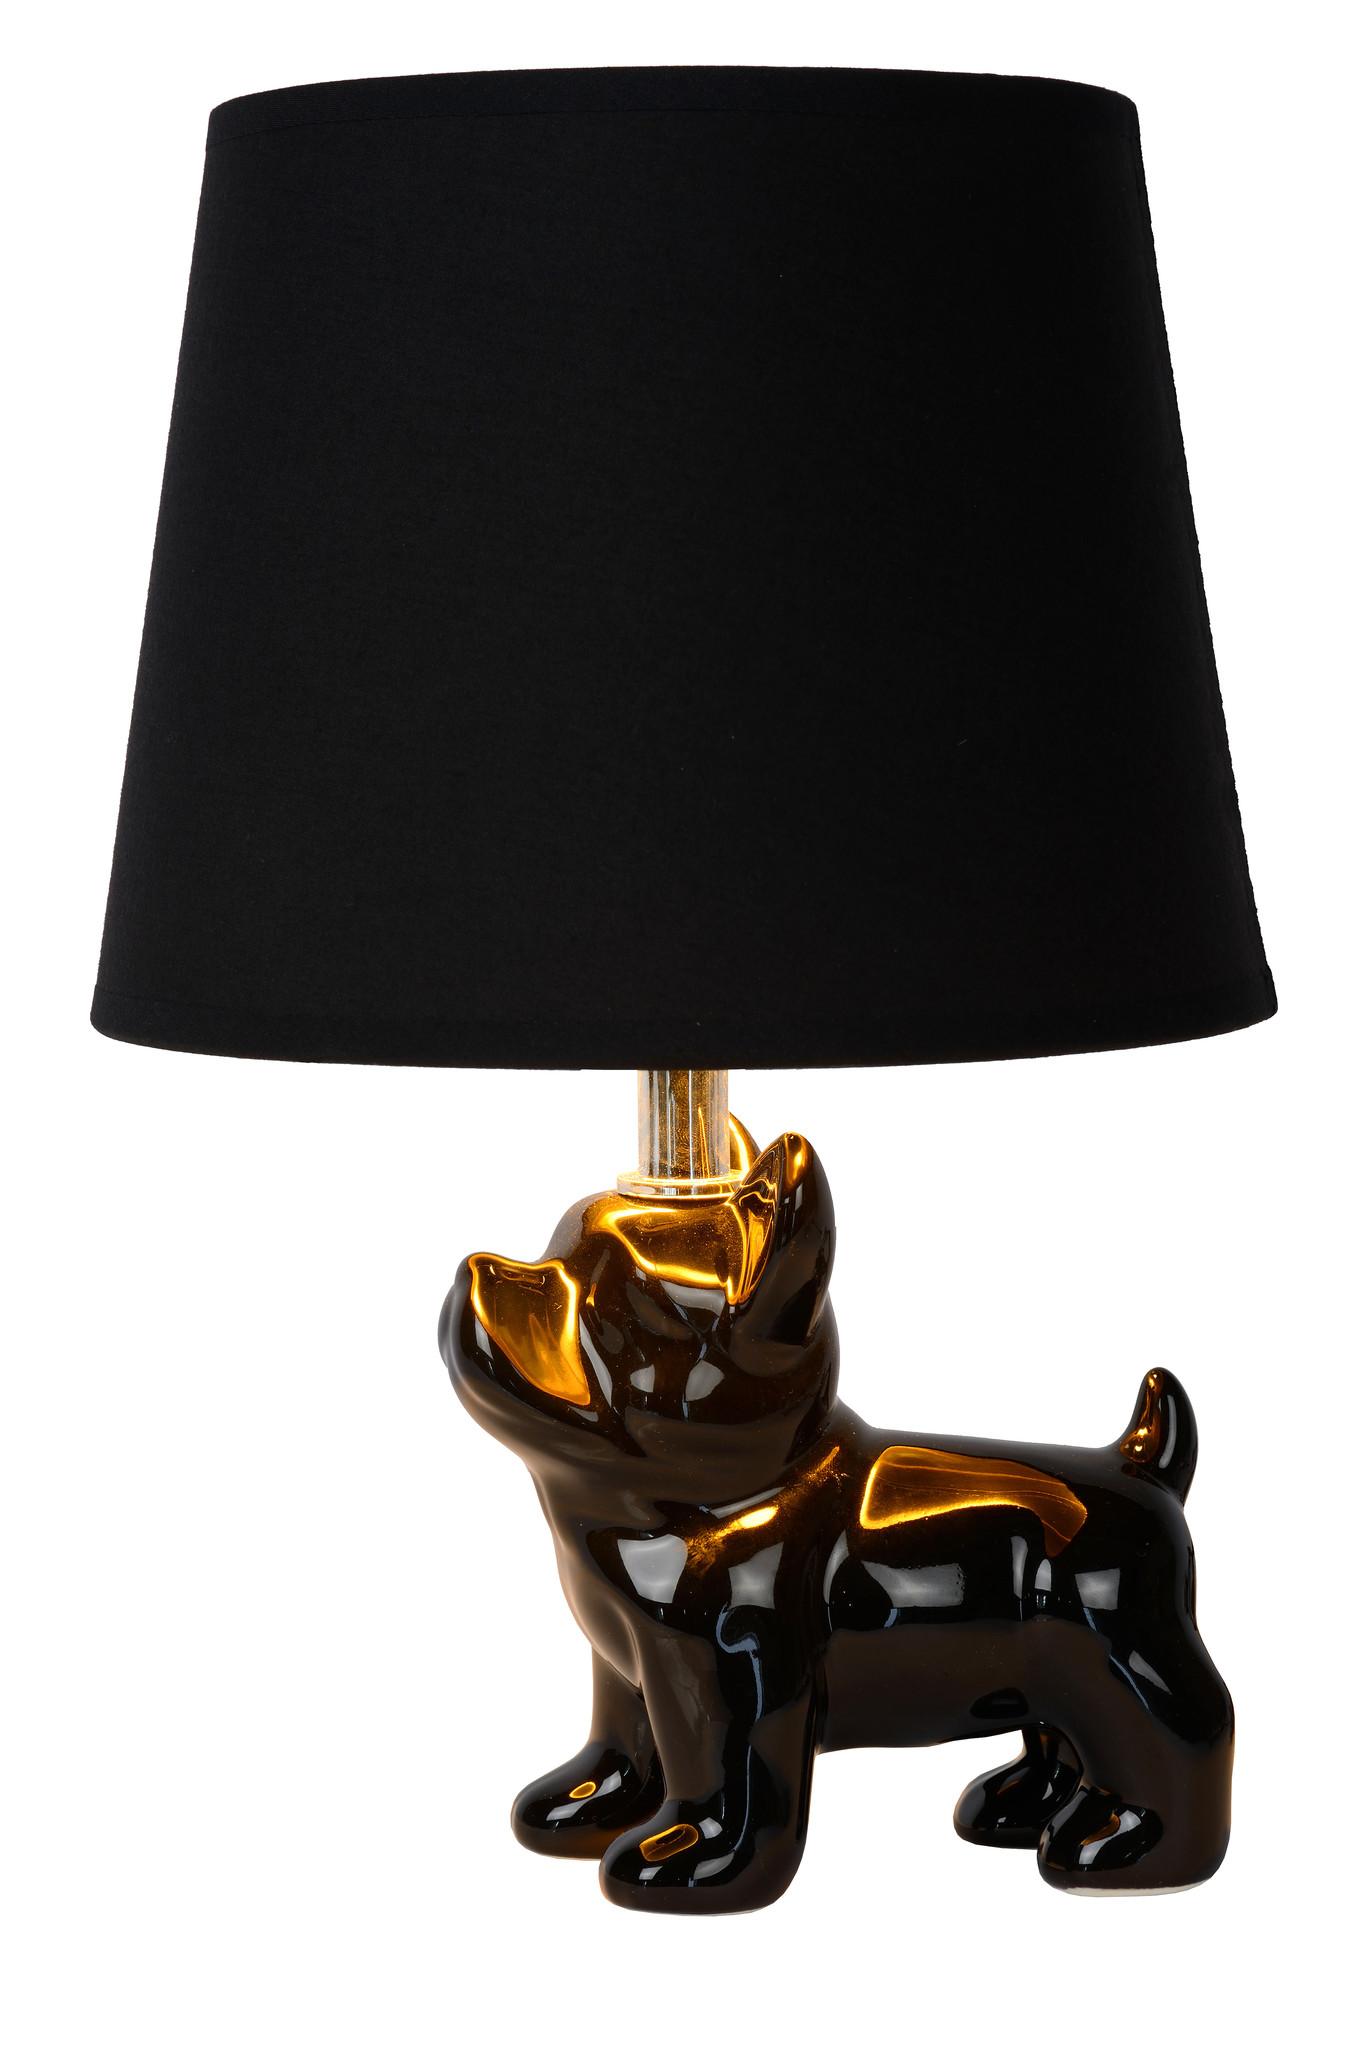 Lucide SIR WINSTON Tafellamp E14/40W 31.5H Zwart/Zwart